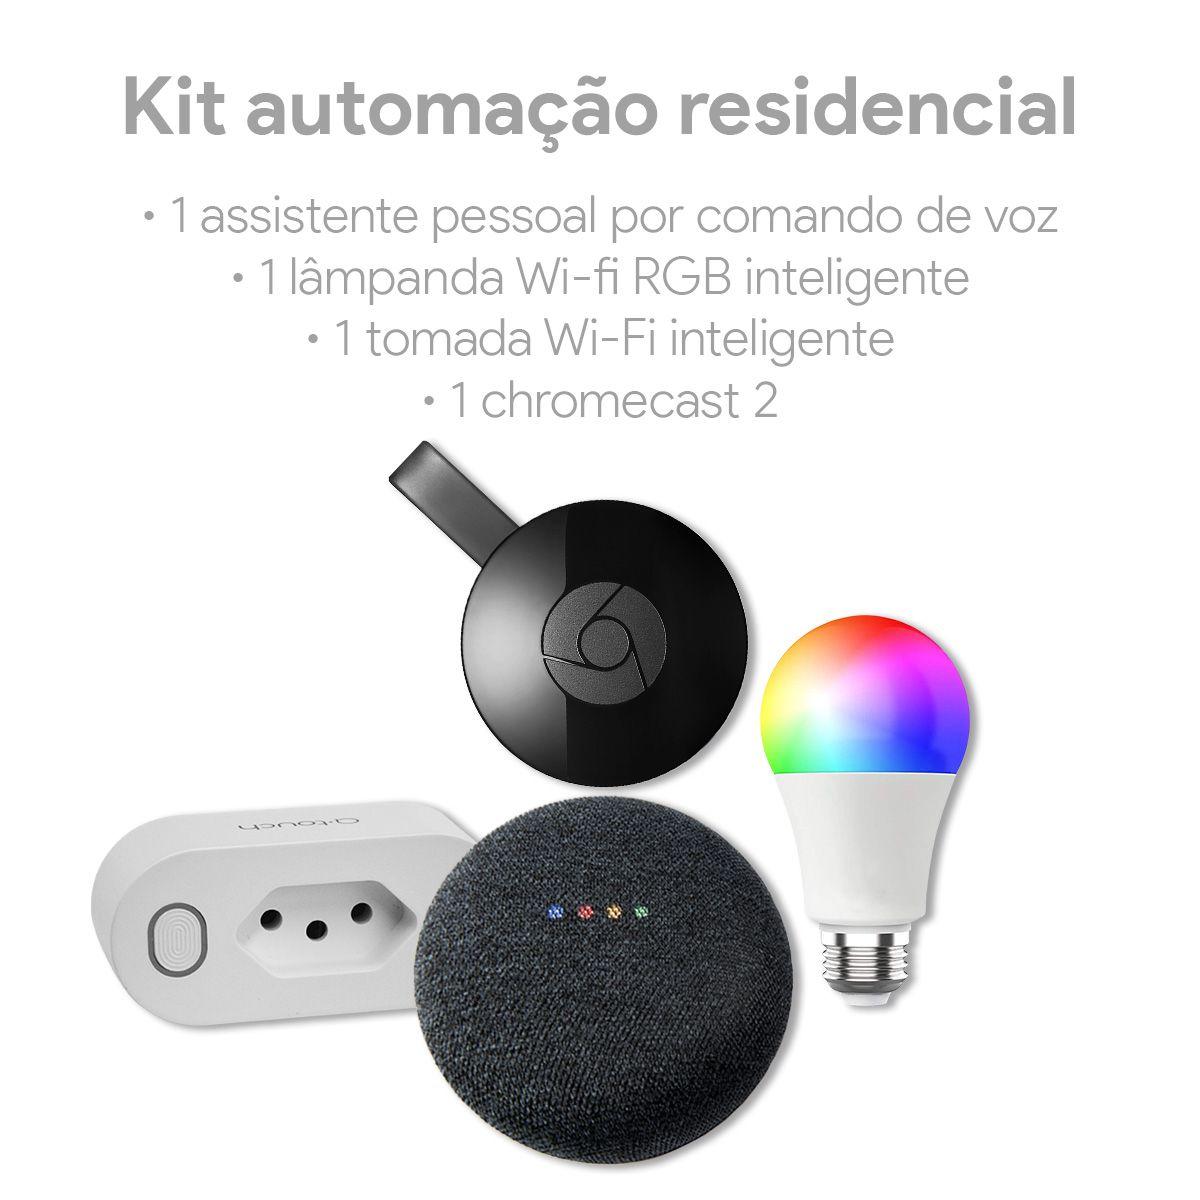 Kit Automação Residencial Smart Home Casa Inteligente Google Assistente